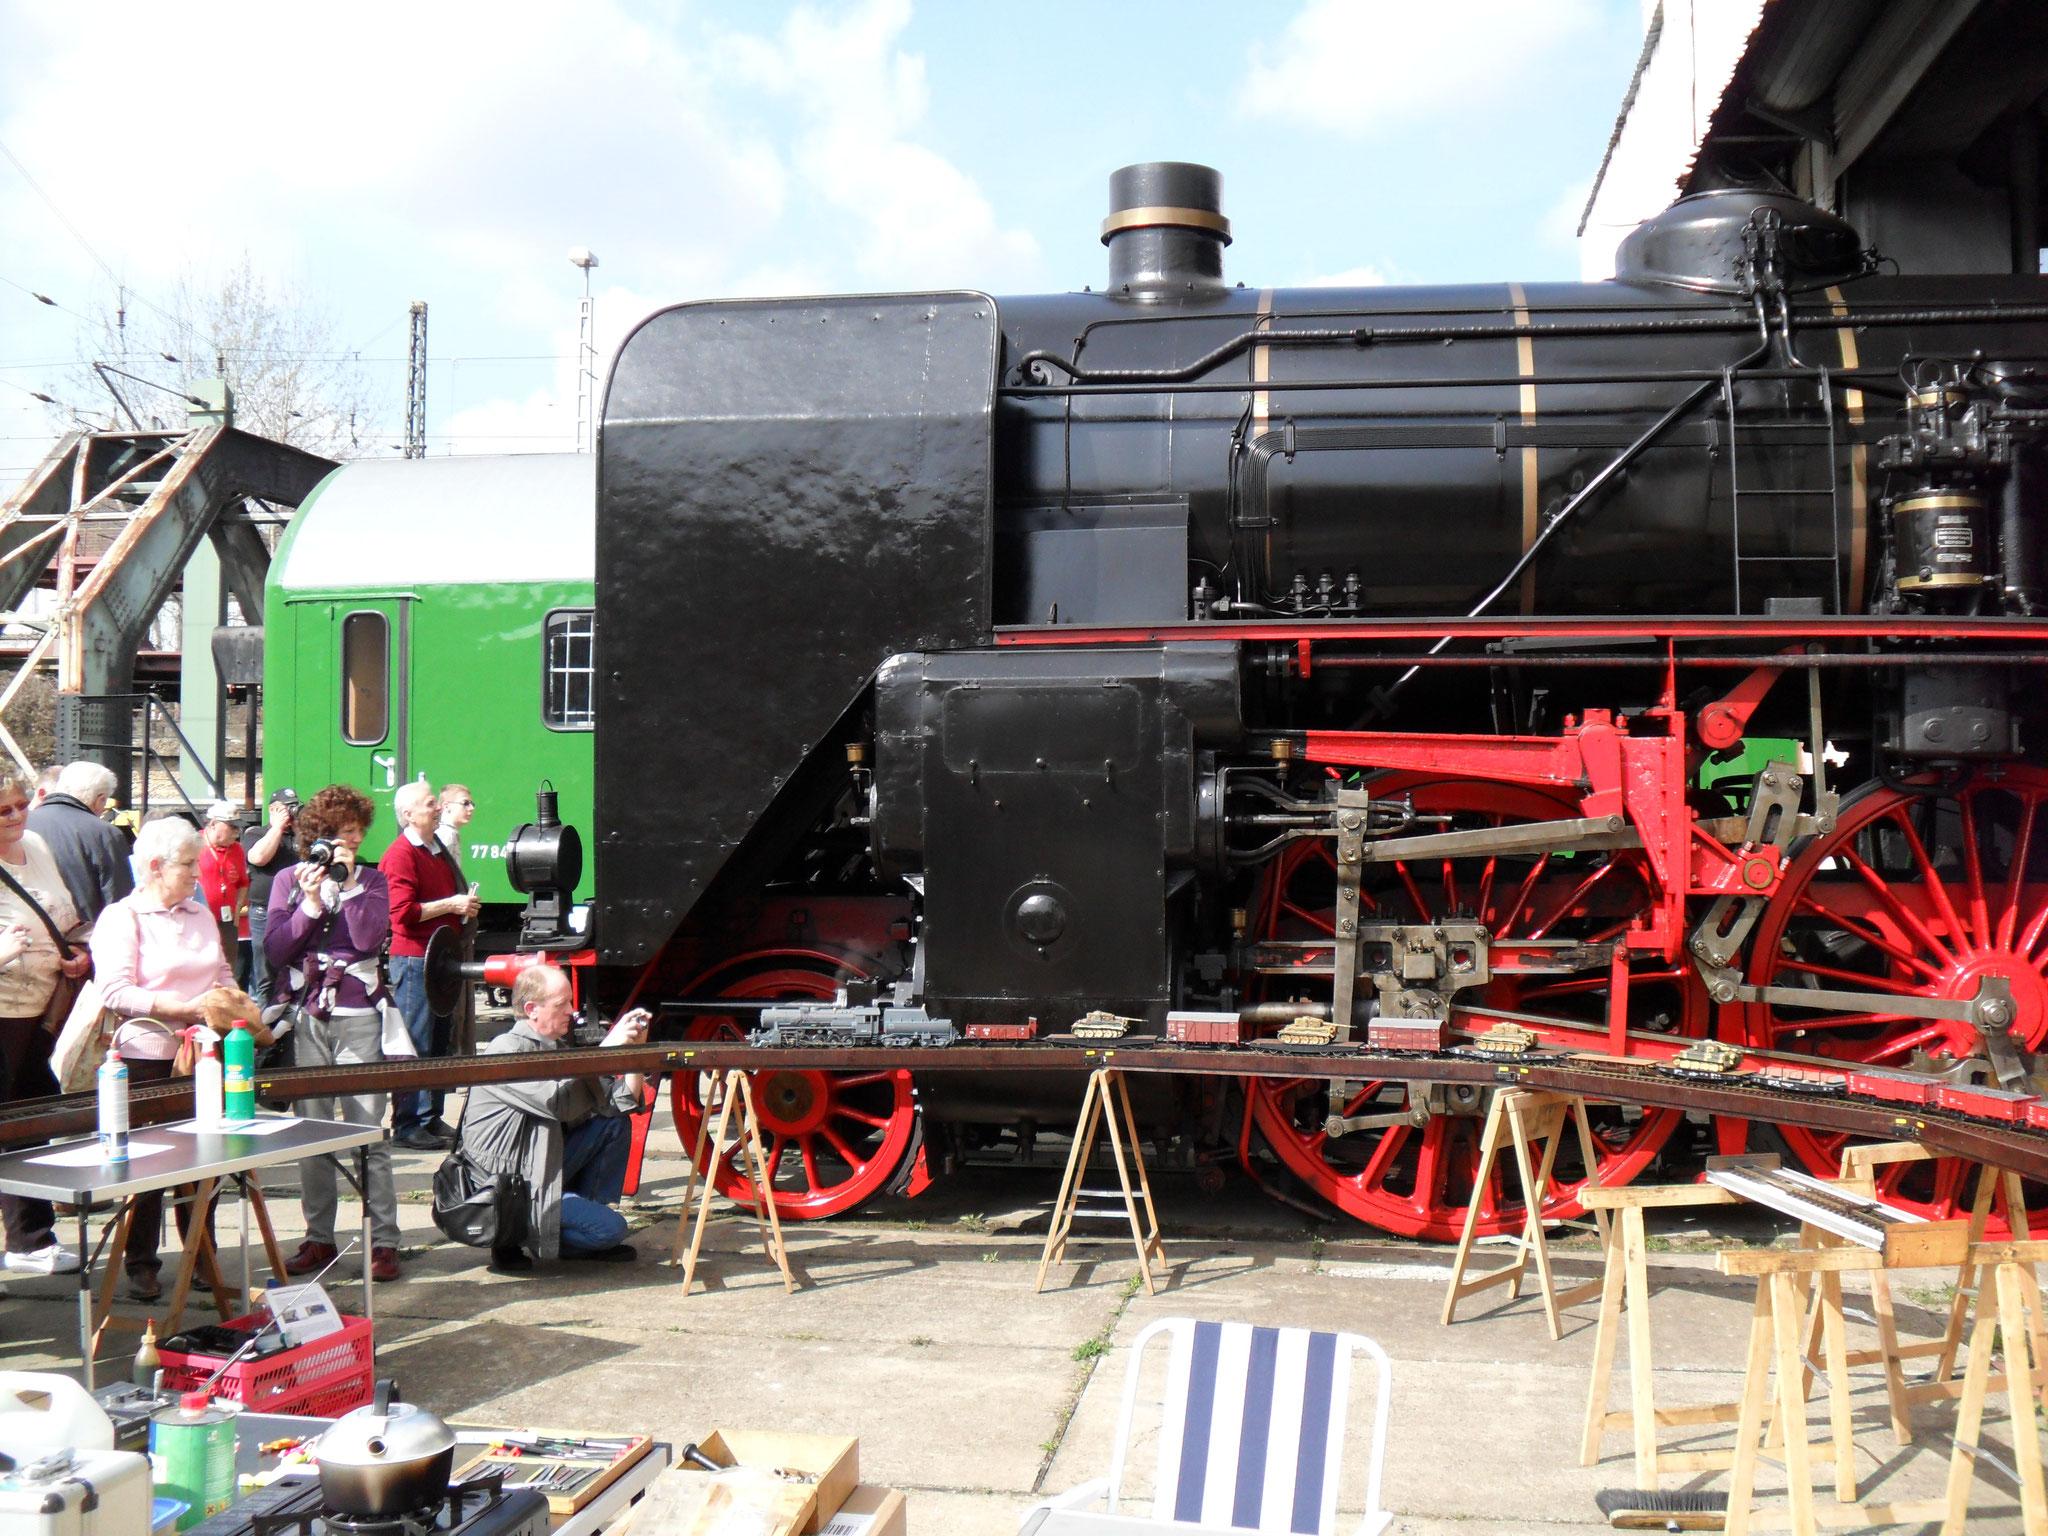 Dampfloktreffen Dresden 2011, große mobile Anlage mit DMR Reppingen und Freunden